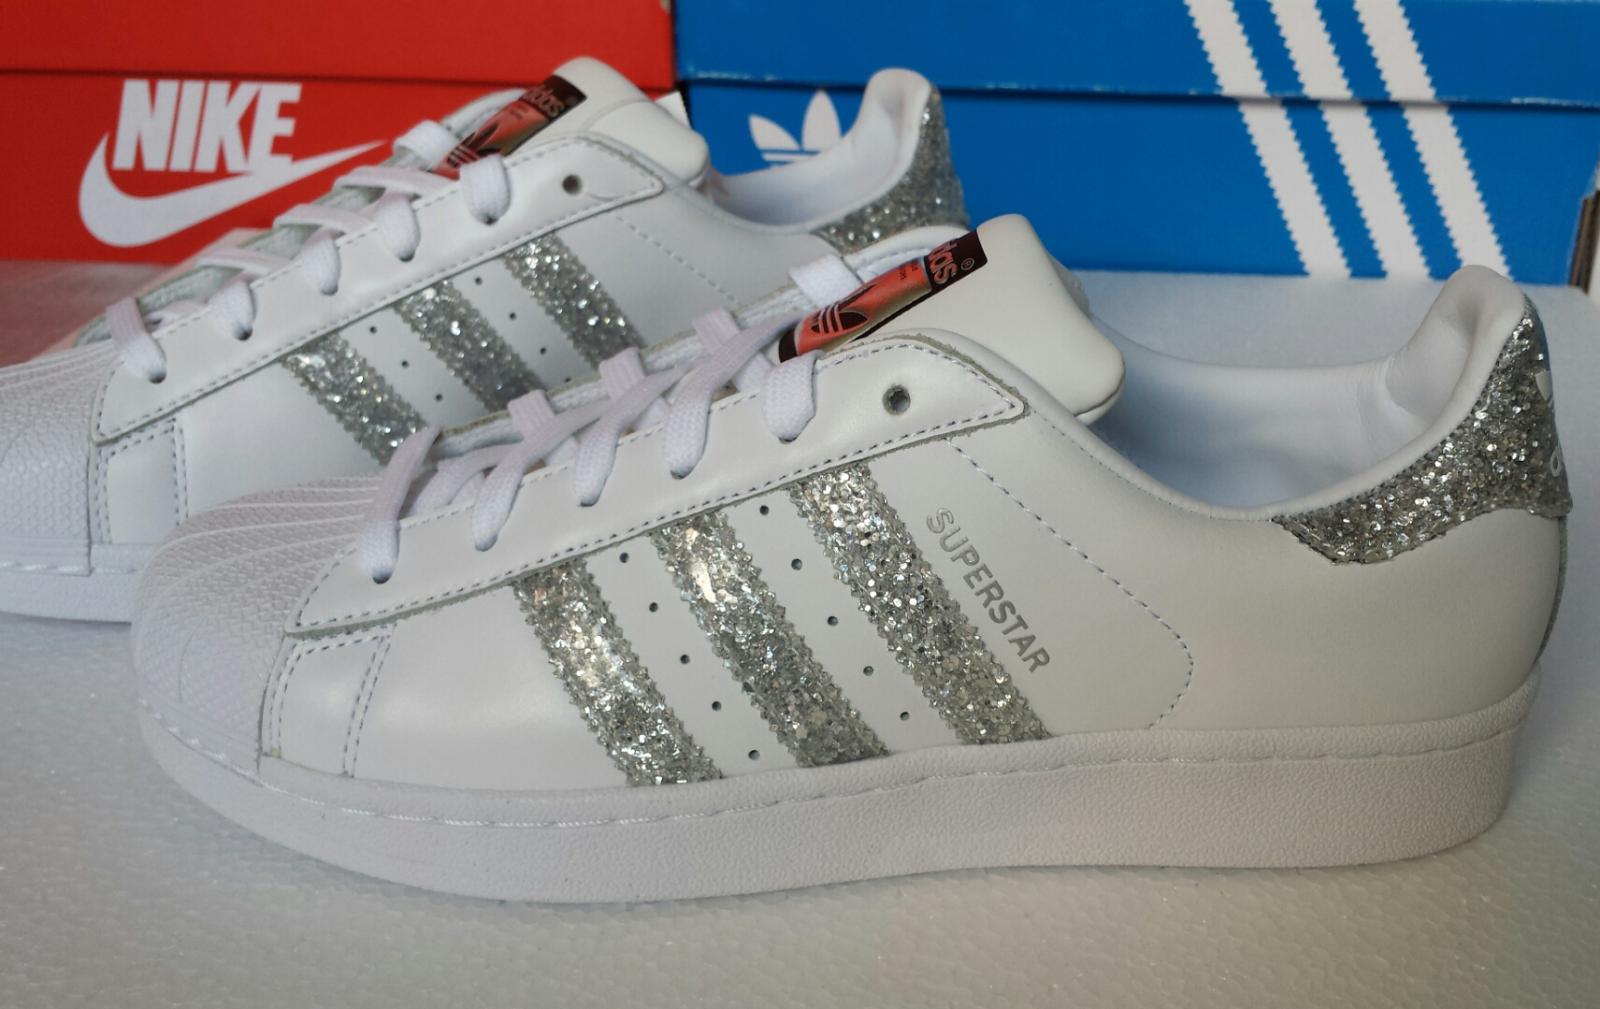 Adidas Superstar Superstar Superstar blancoo Metálico Plata Brillo Zapatillas para mujer S76923  entrega gratis